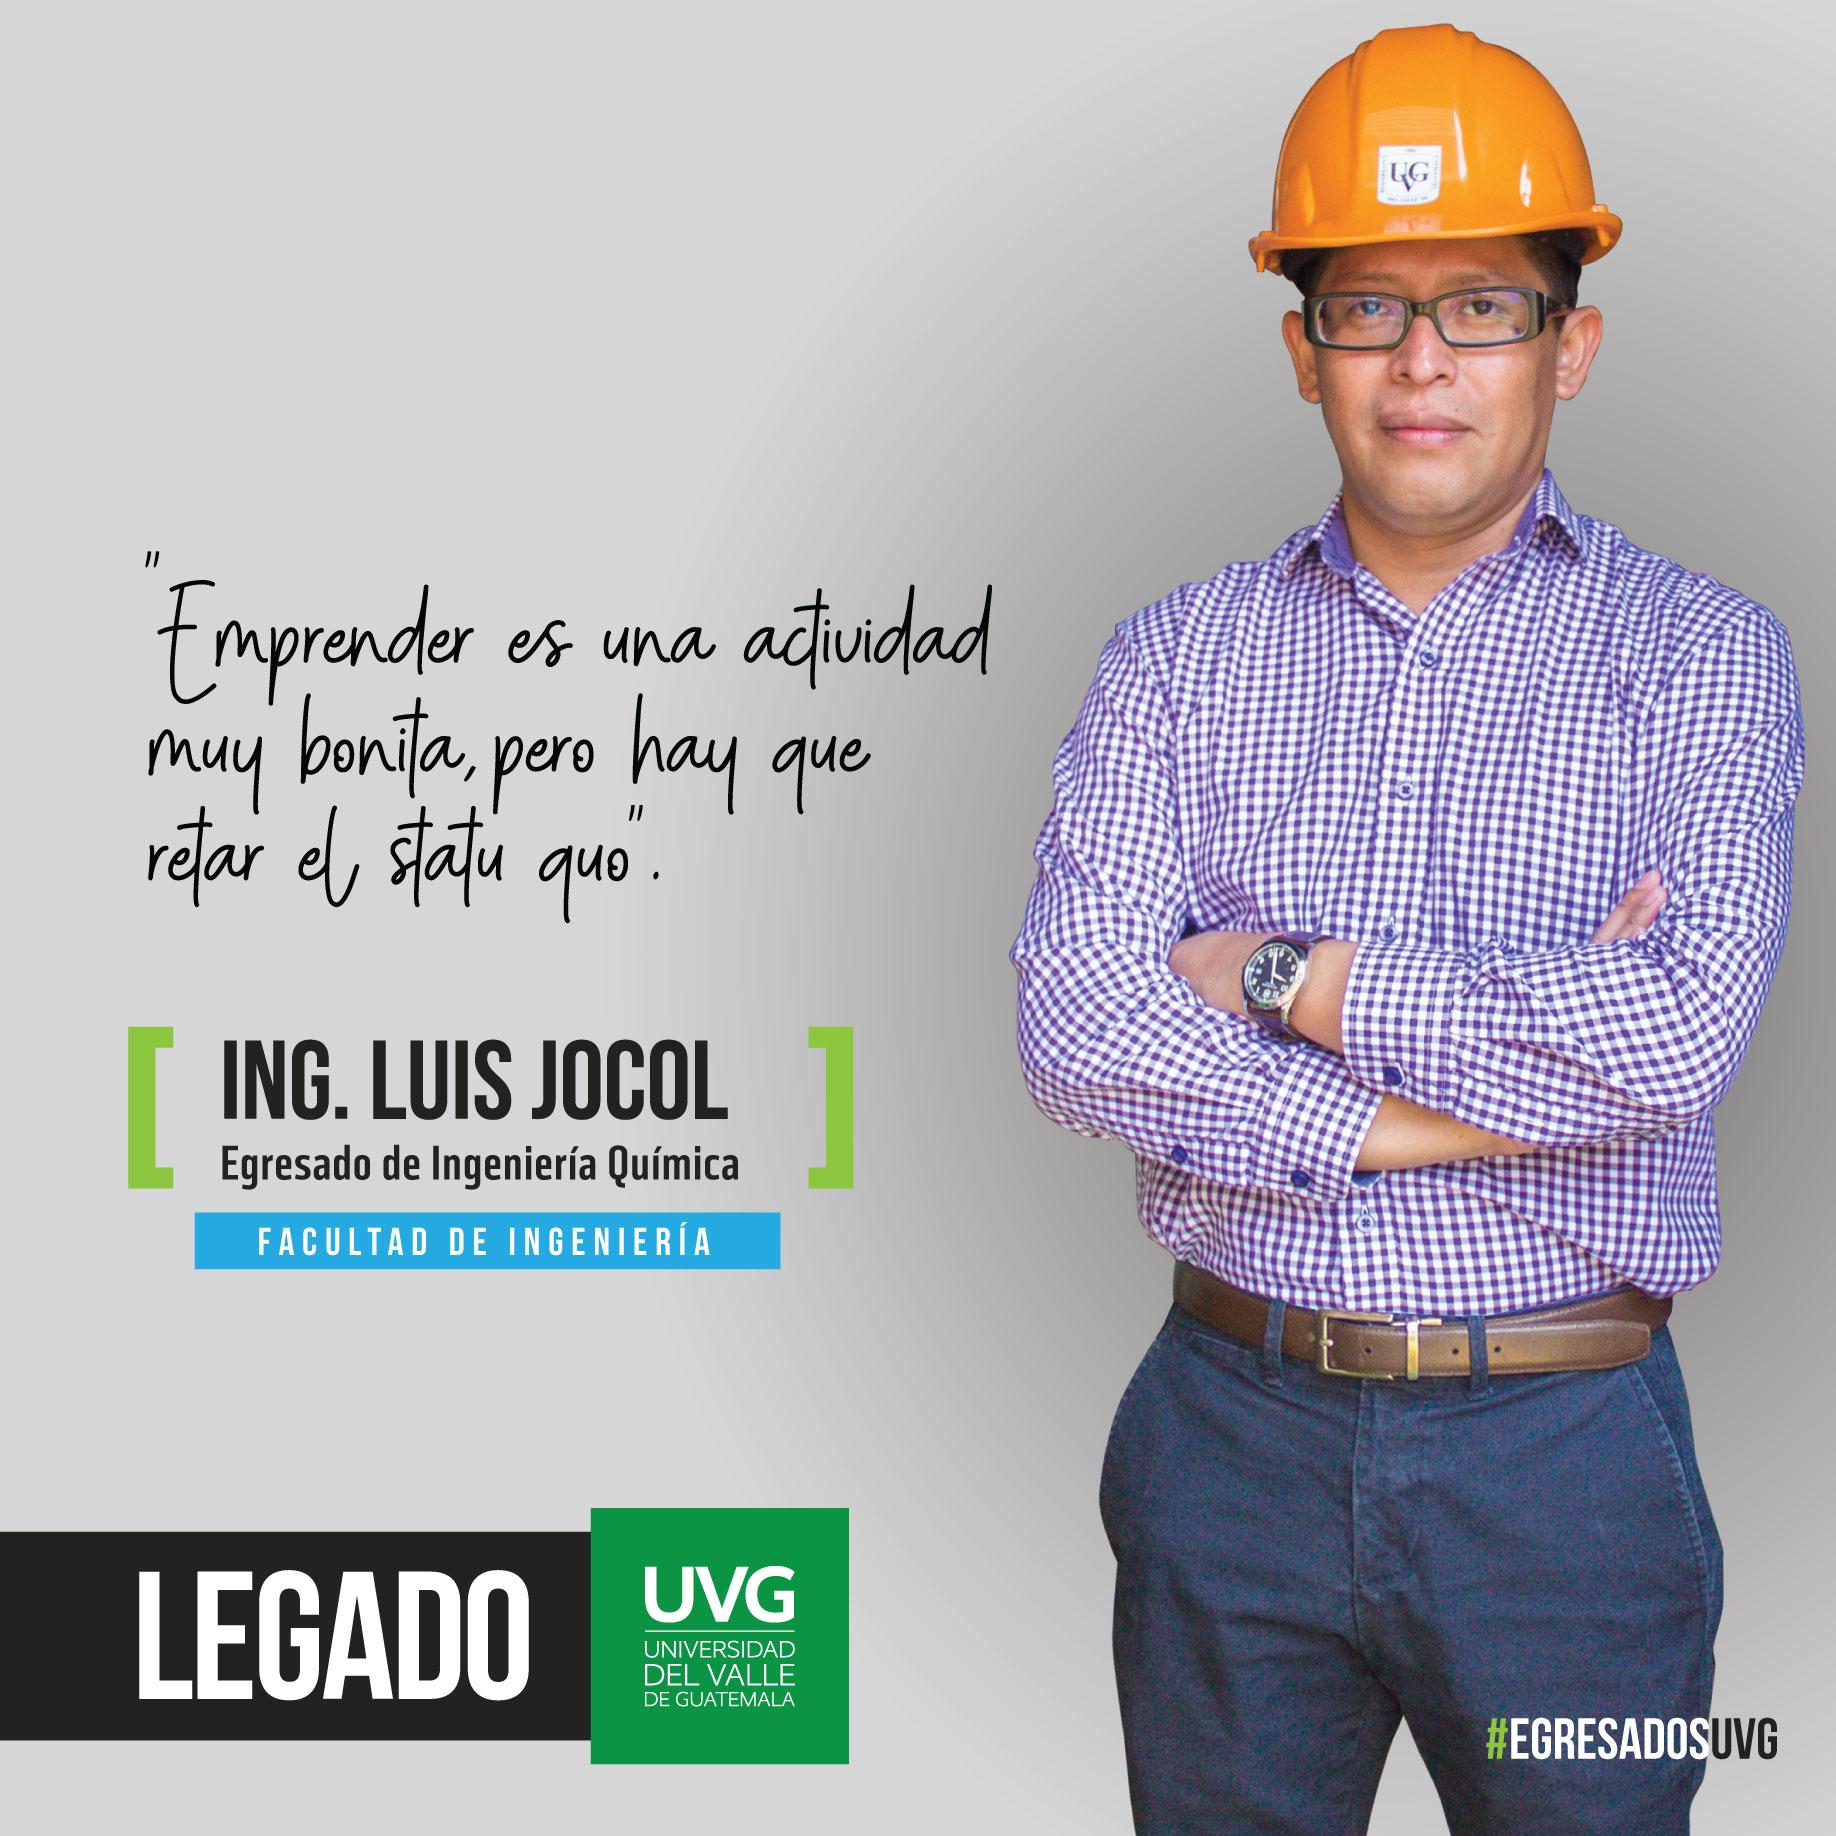 Legado UVG Ing. Luis Jocol